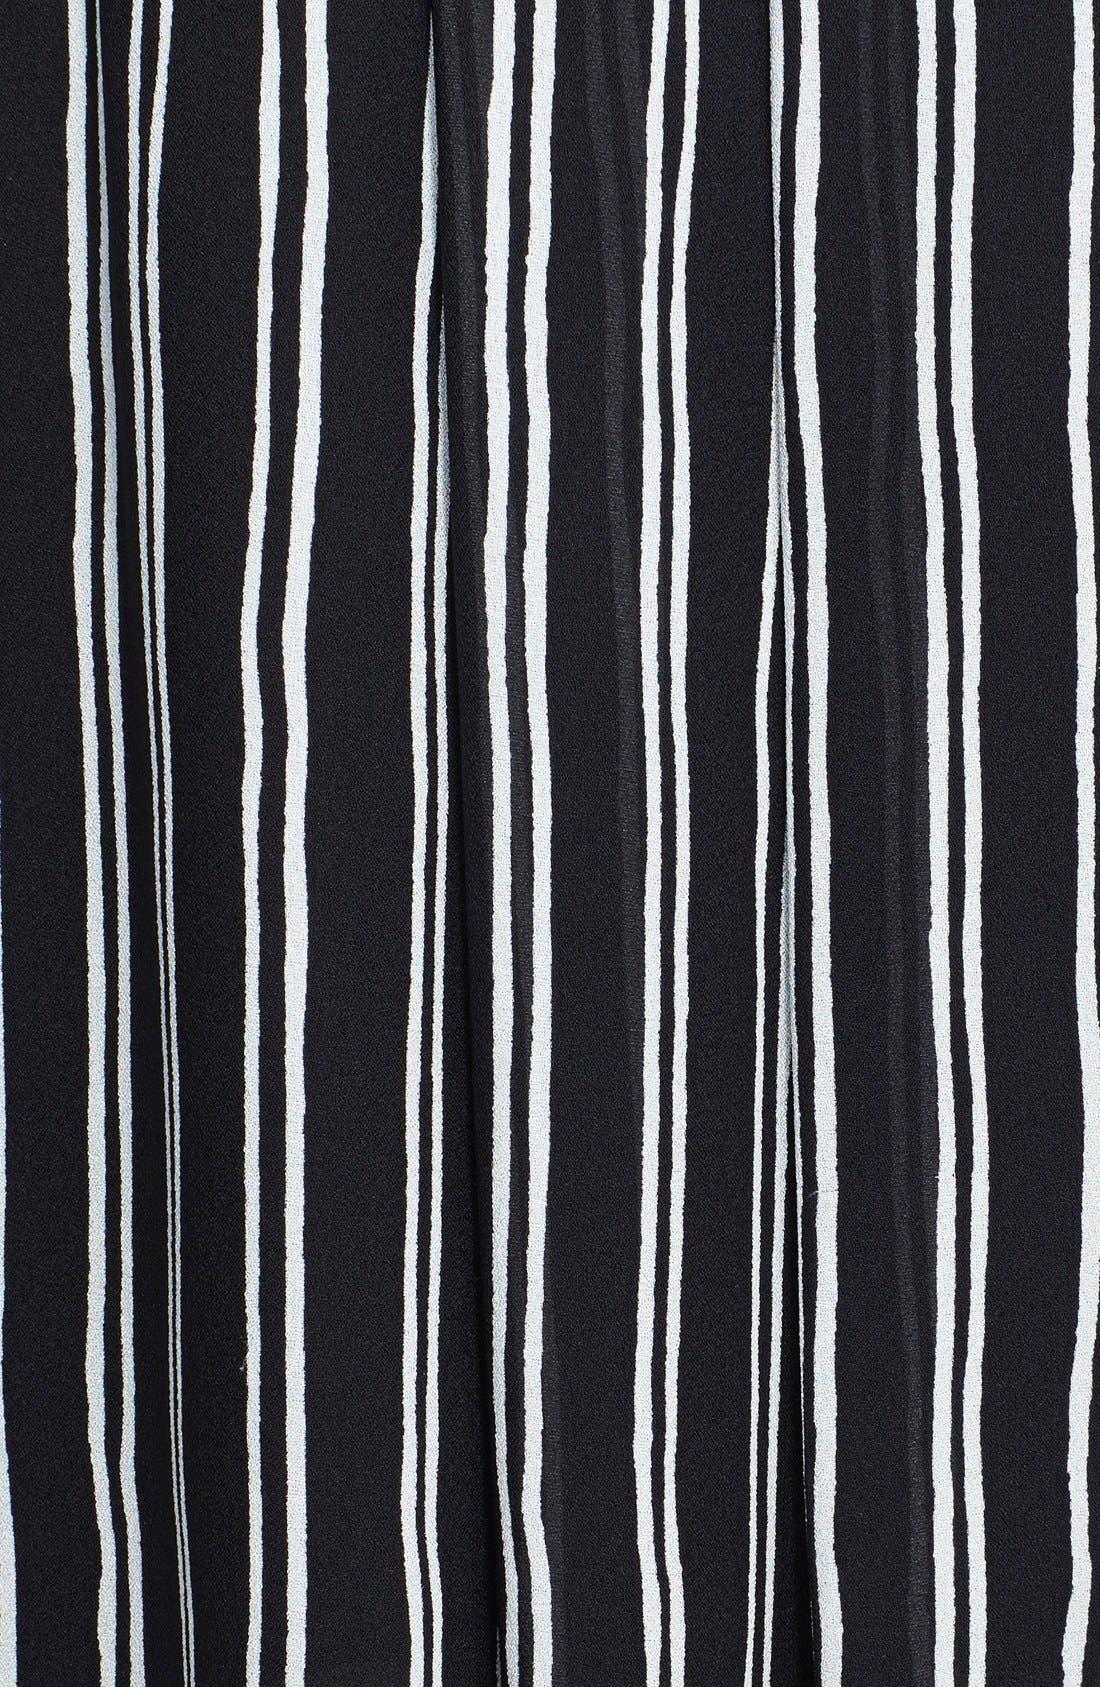 Alternate Image 3  - A.L.C. 'McDermott' Stripe Silk Midi Skirt